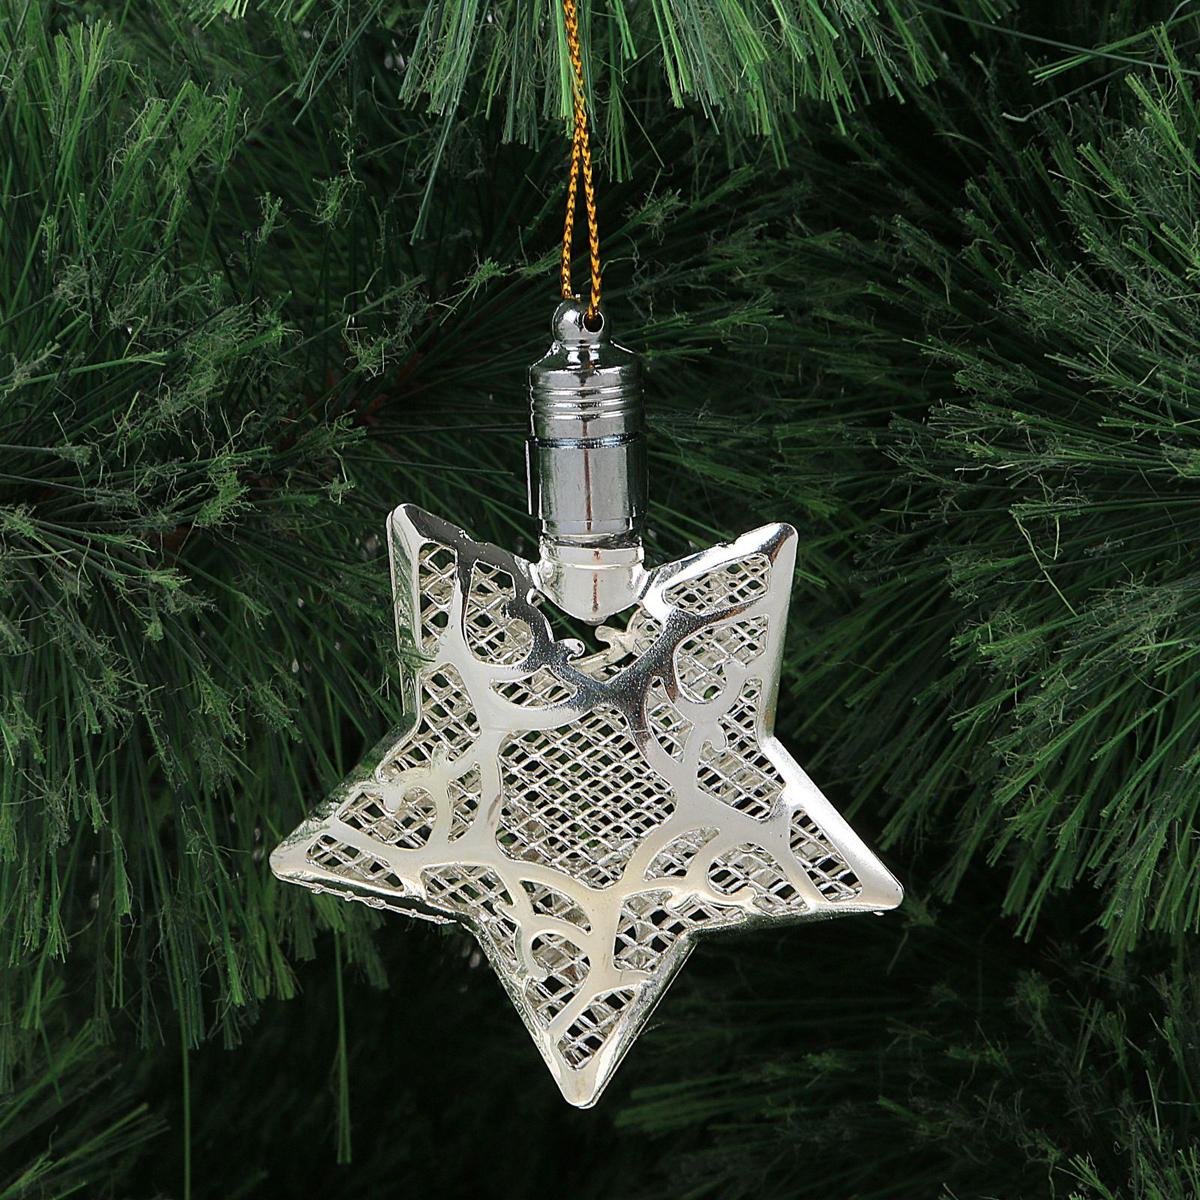 Подвеска новогодняя Luazon Lighting Звезда, световая, цвет: серебристый, длина 8 см2327168Световая новогодняя подвеска Luazon Lighting Звезда выполнена из металла в виде объемной звезды. Елочное украшение выглядит как простая елочная игрушка днем, но при этом остается видимой вечером.Просто включите изделие с наступлением темноты, и оно украсит елку огоньками. Подвеска Luazon Lighting Звезда работает от батареек (входит в комплект) и пожаробезопасна, так как светодиоды не нагреваются, в отличие от ламп накаливания.